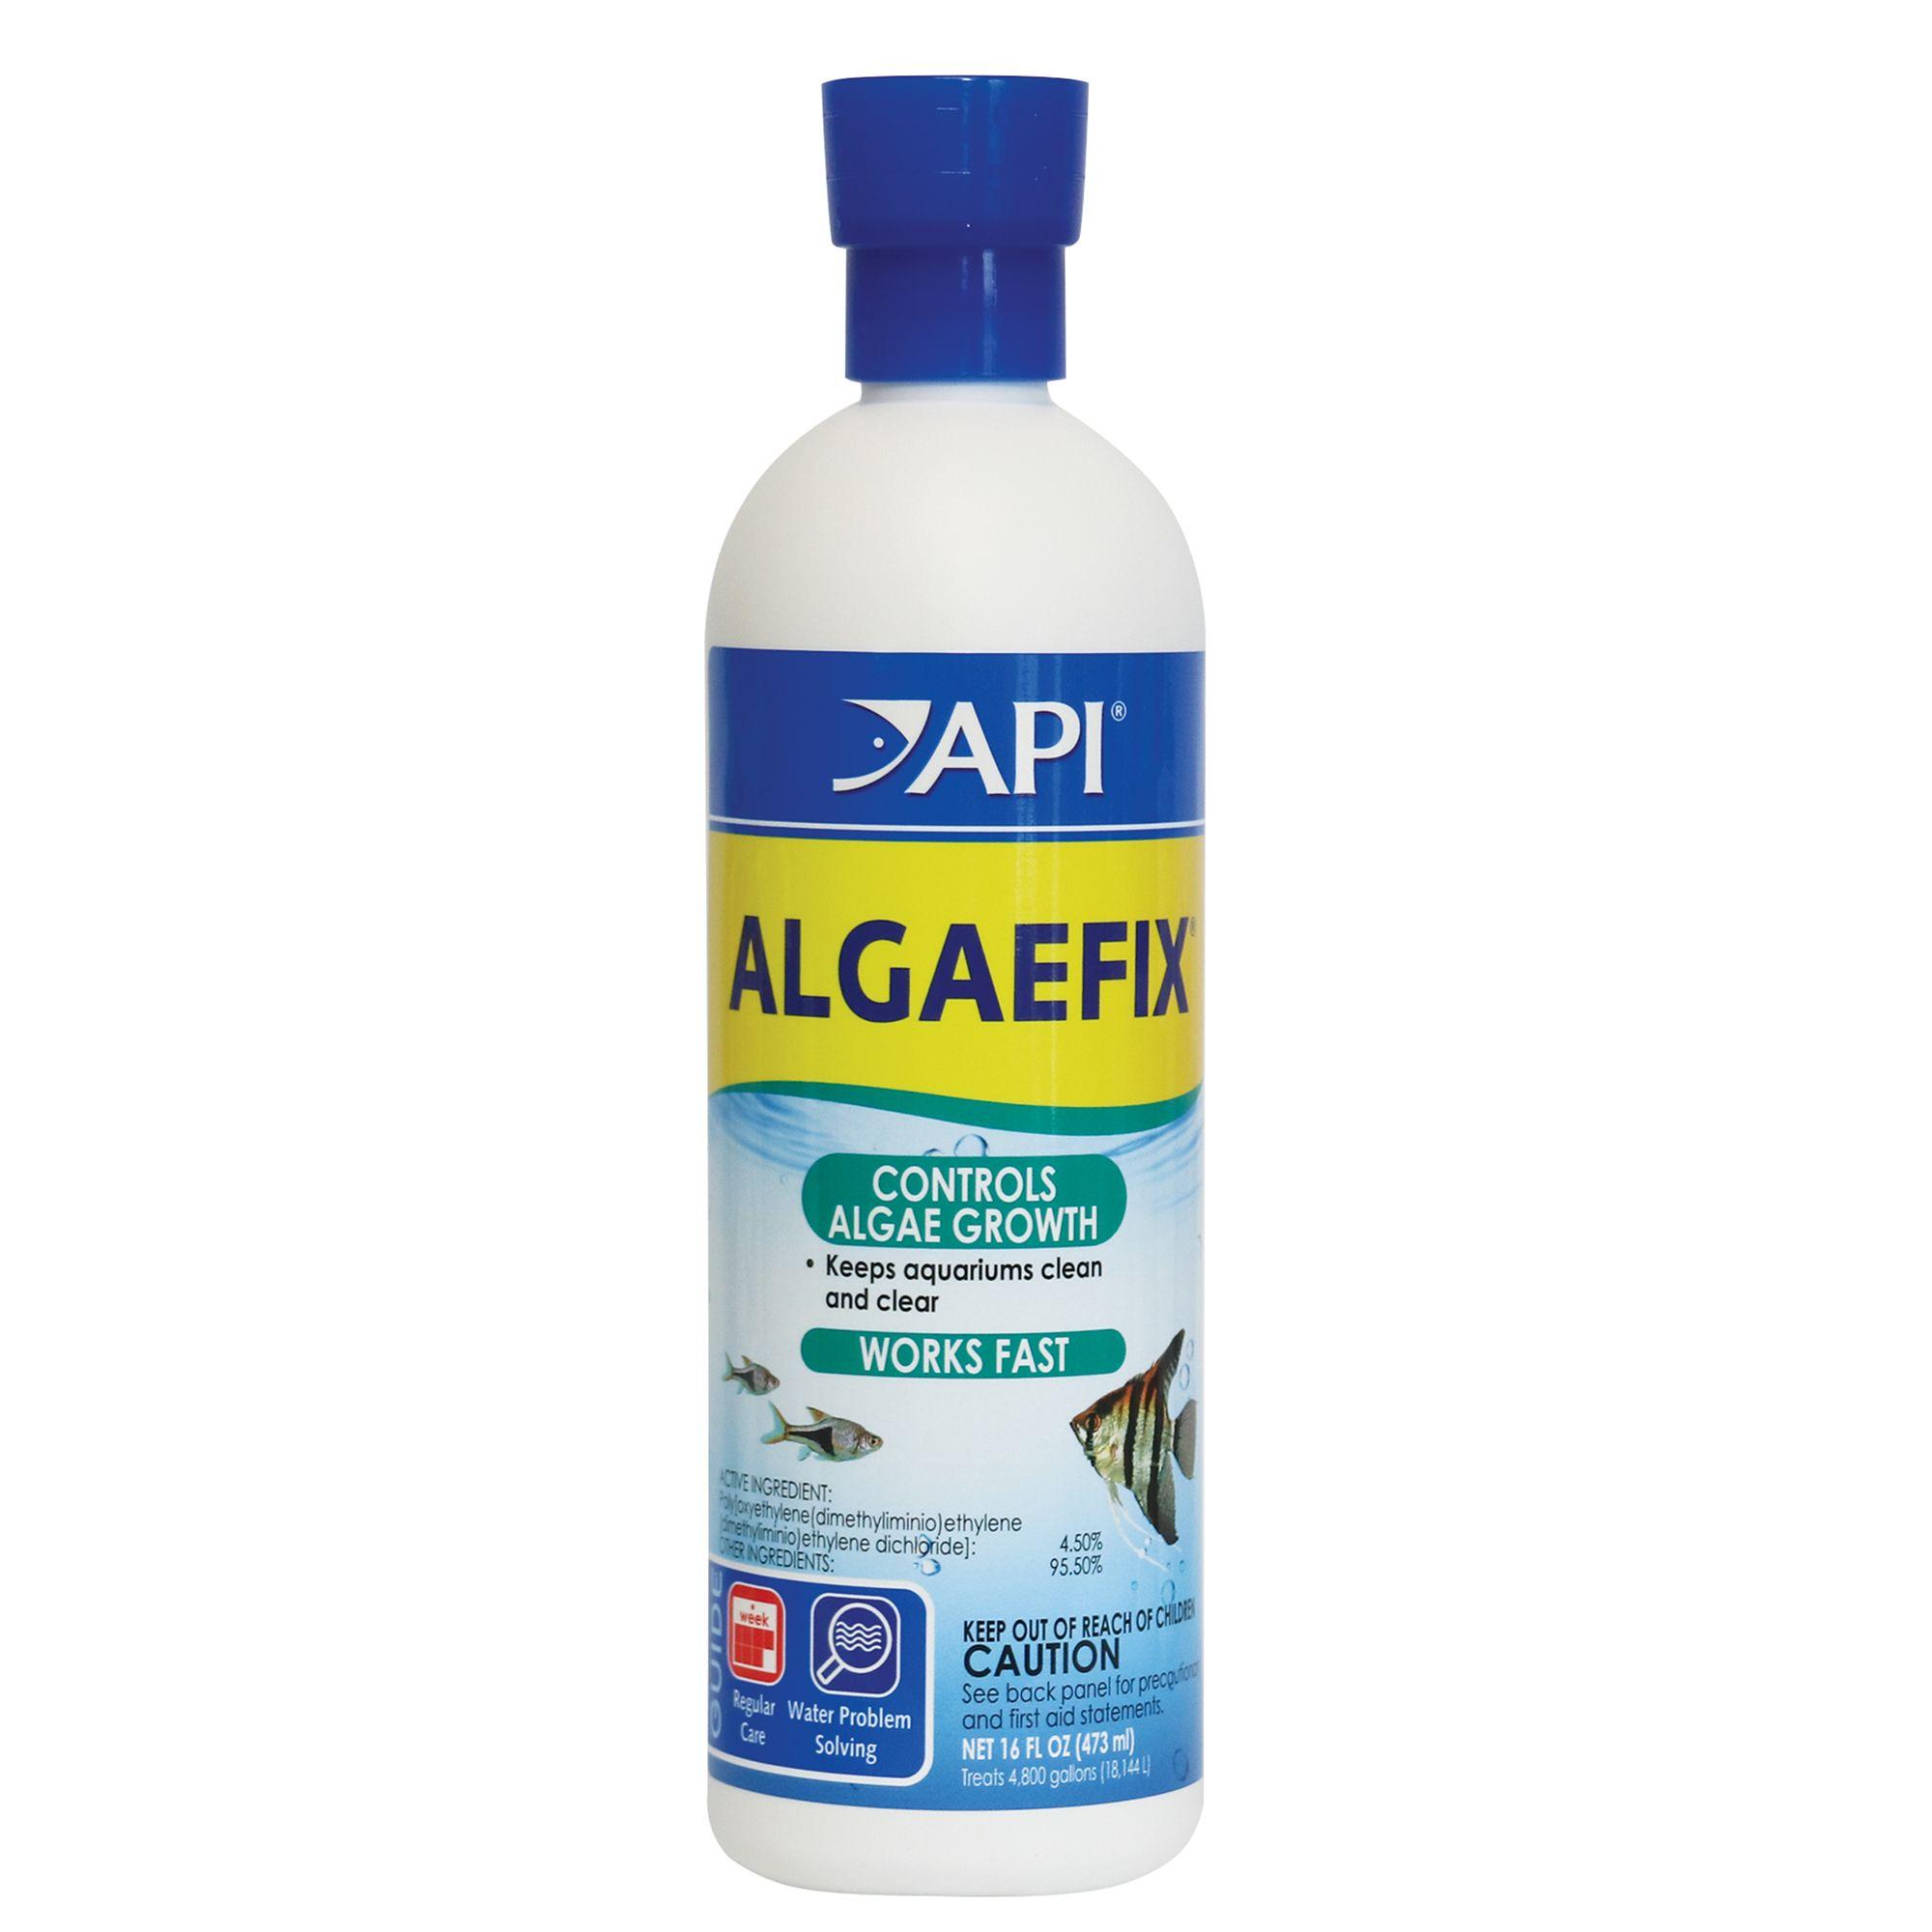 Api Algaefix Aquarium Algae Control Size 16 Fl Oz